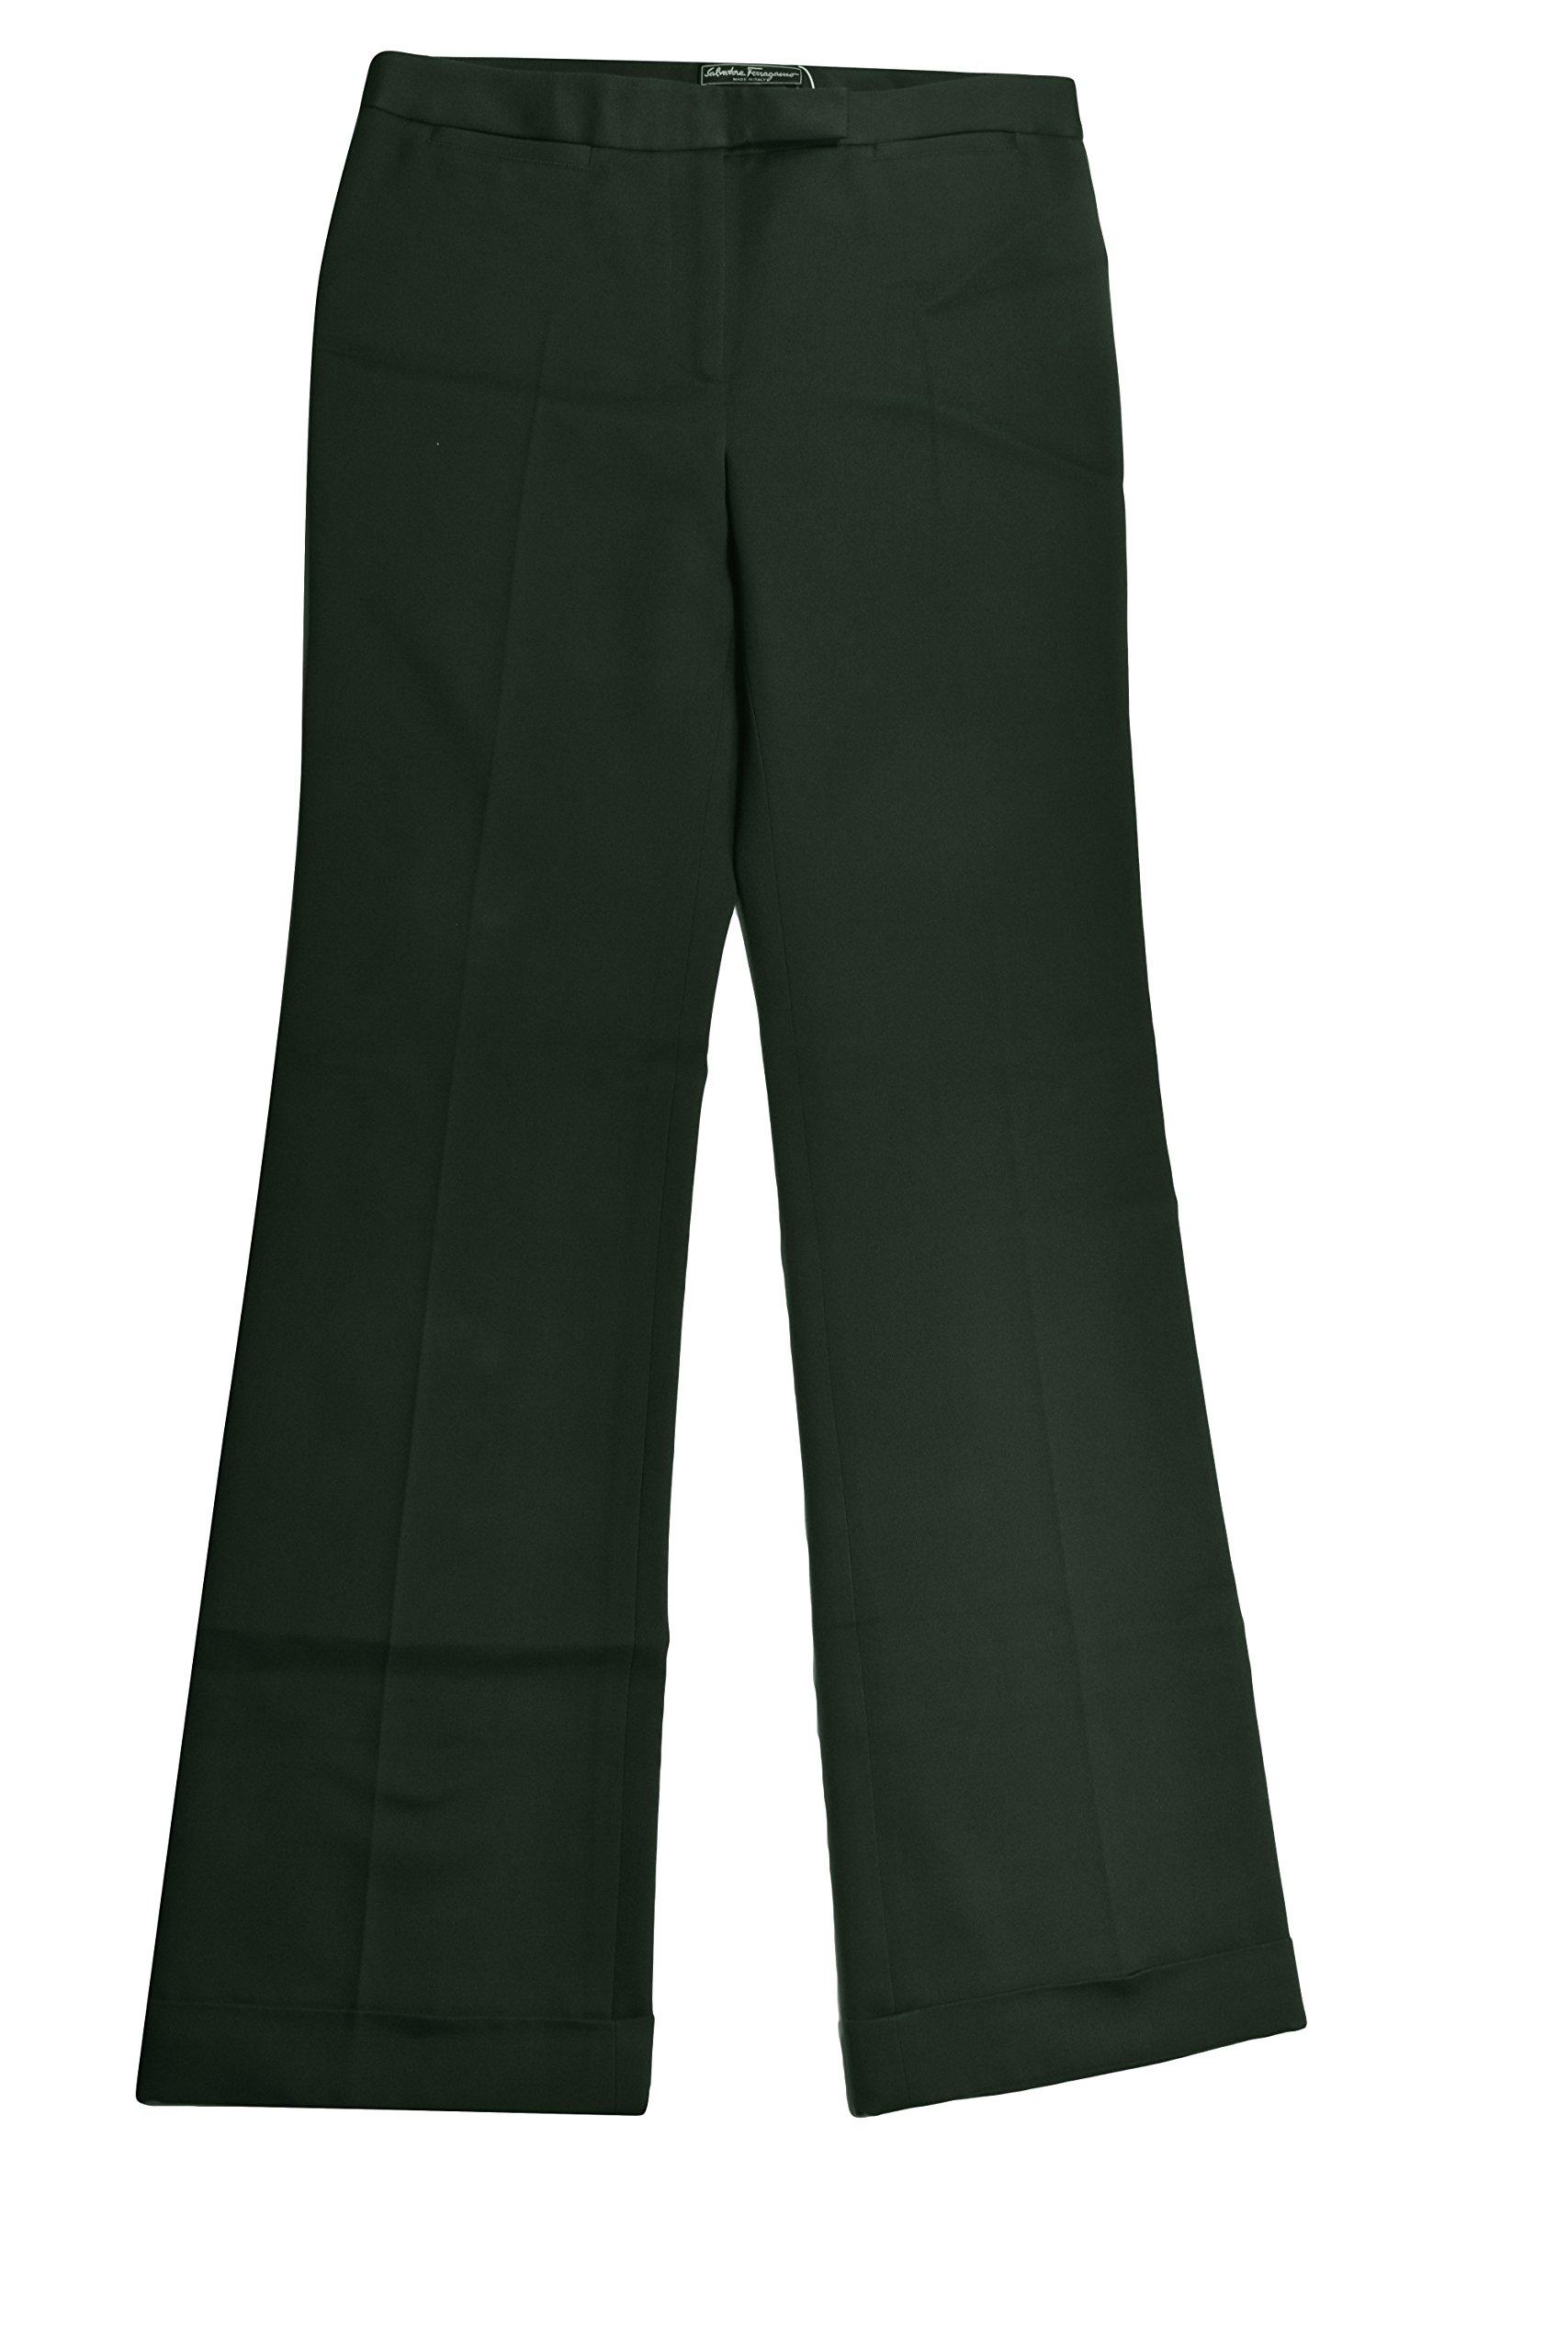 Salvatore Ferragamo Women's Green Flare Leg Pants 42